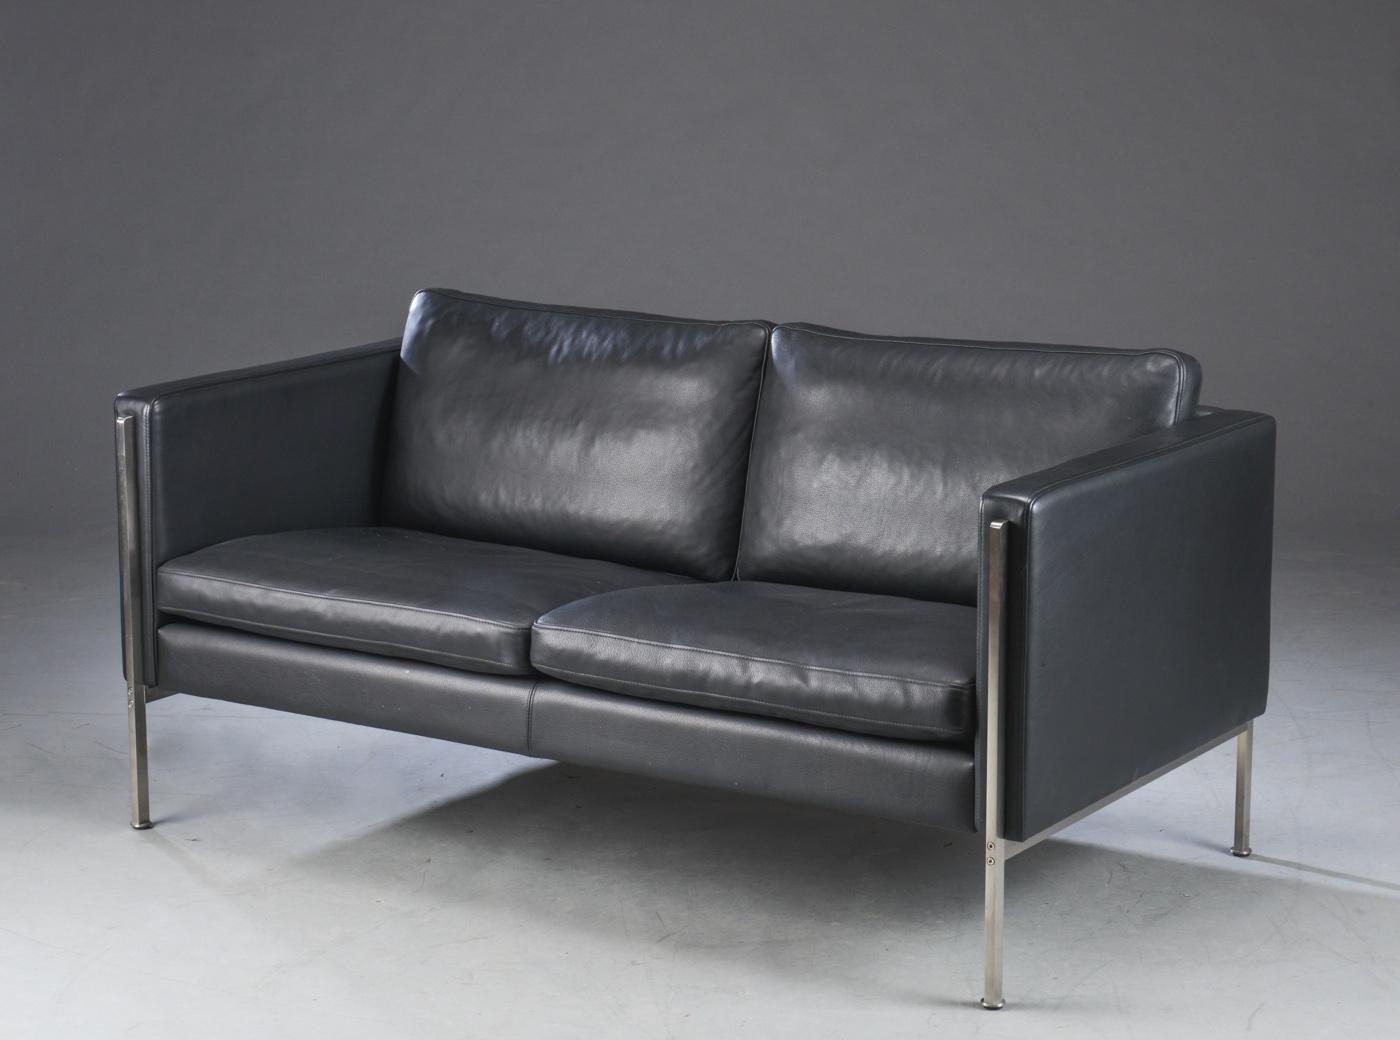 Skipper Furniture To Pers Sofa I Sort Laeder Model Capri Lauritz Com